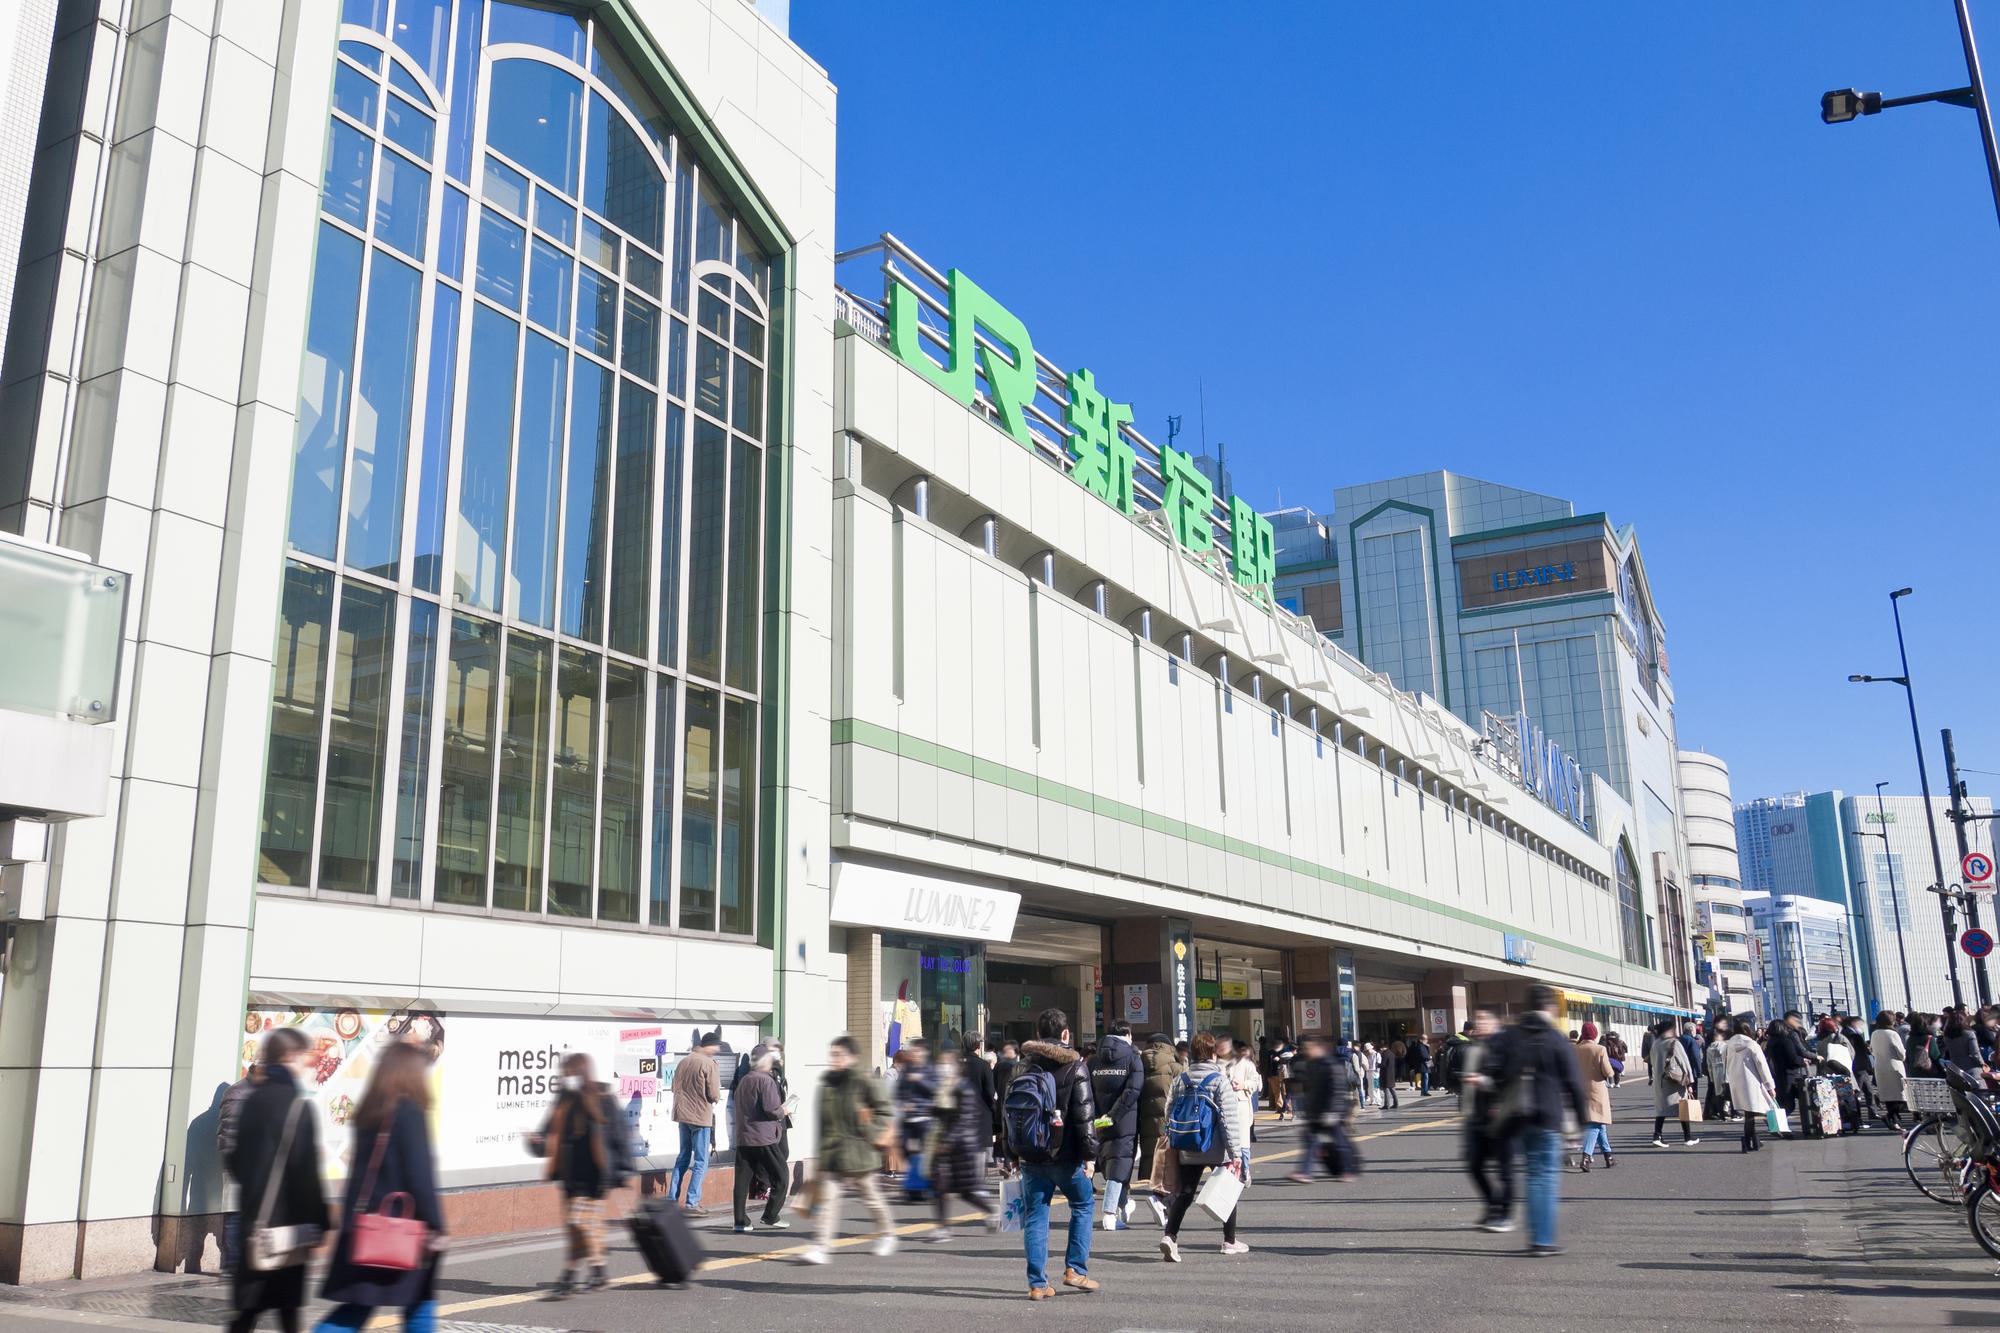 【徒歩10分以内】新宿駅の歯医者17院のおすすめポイント